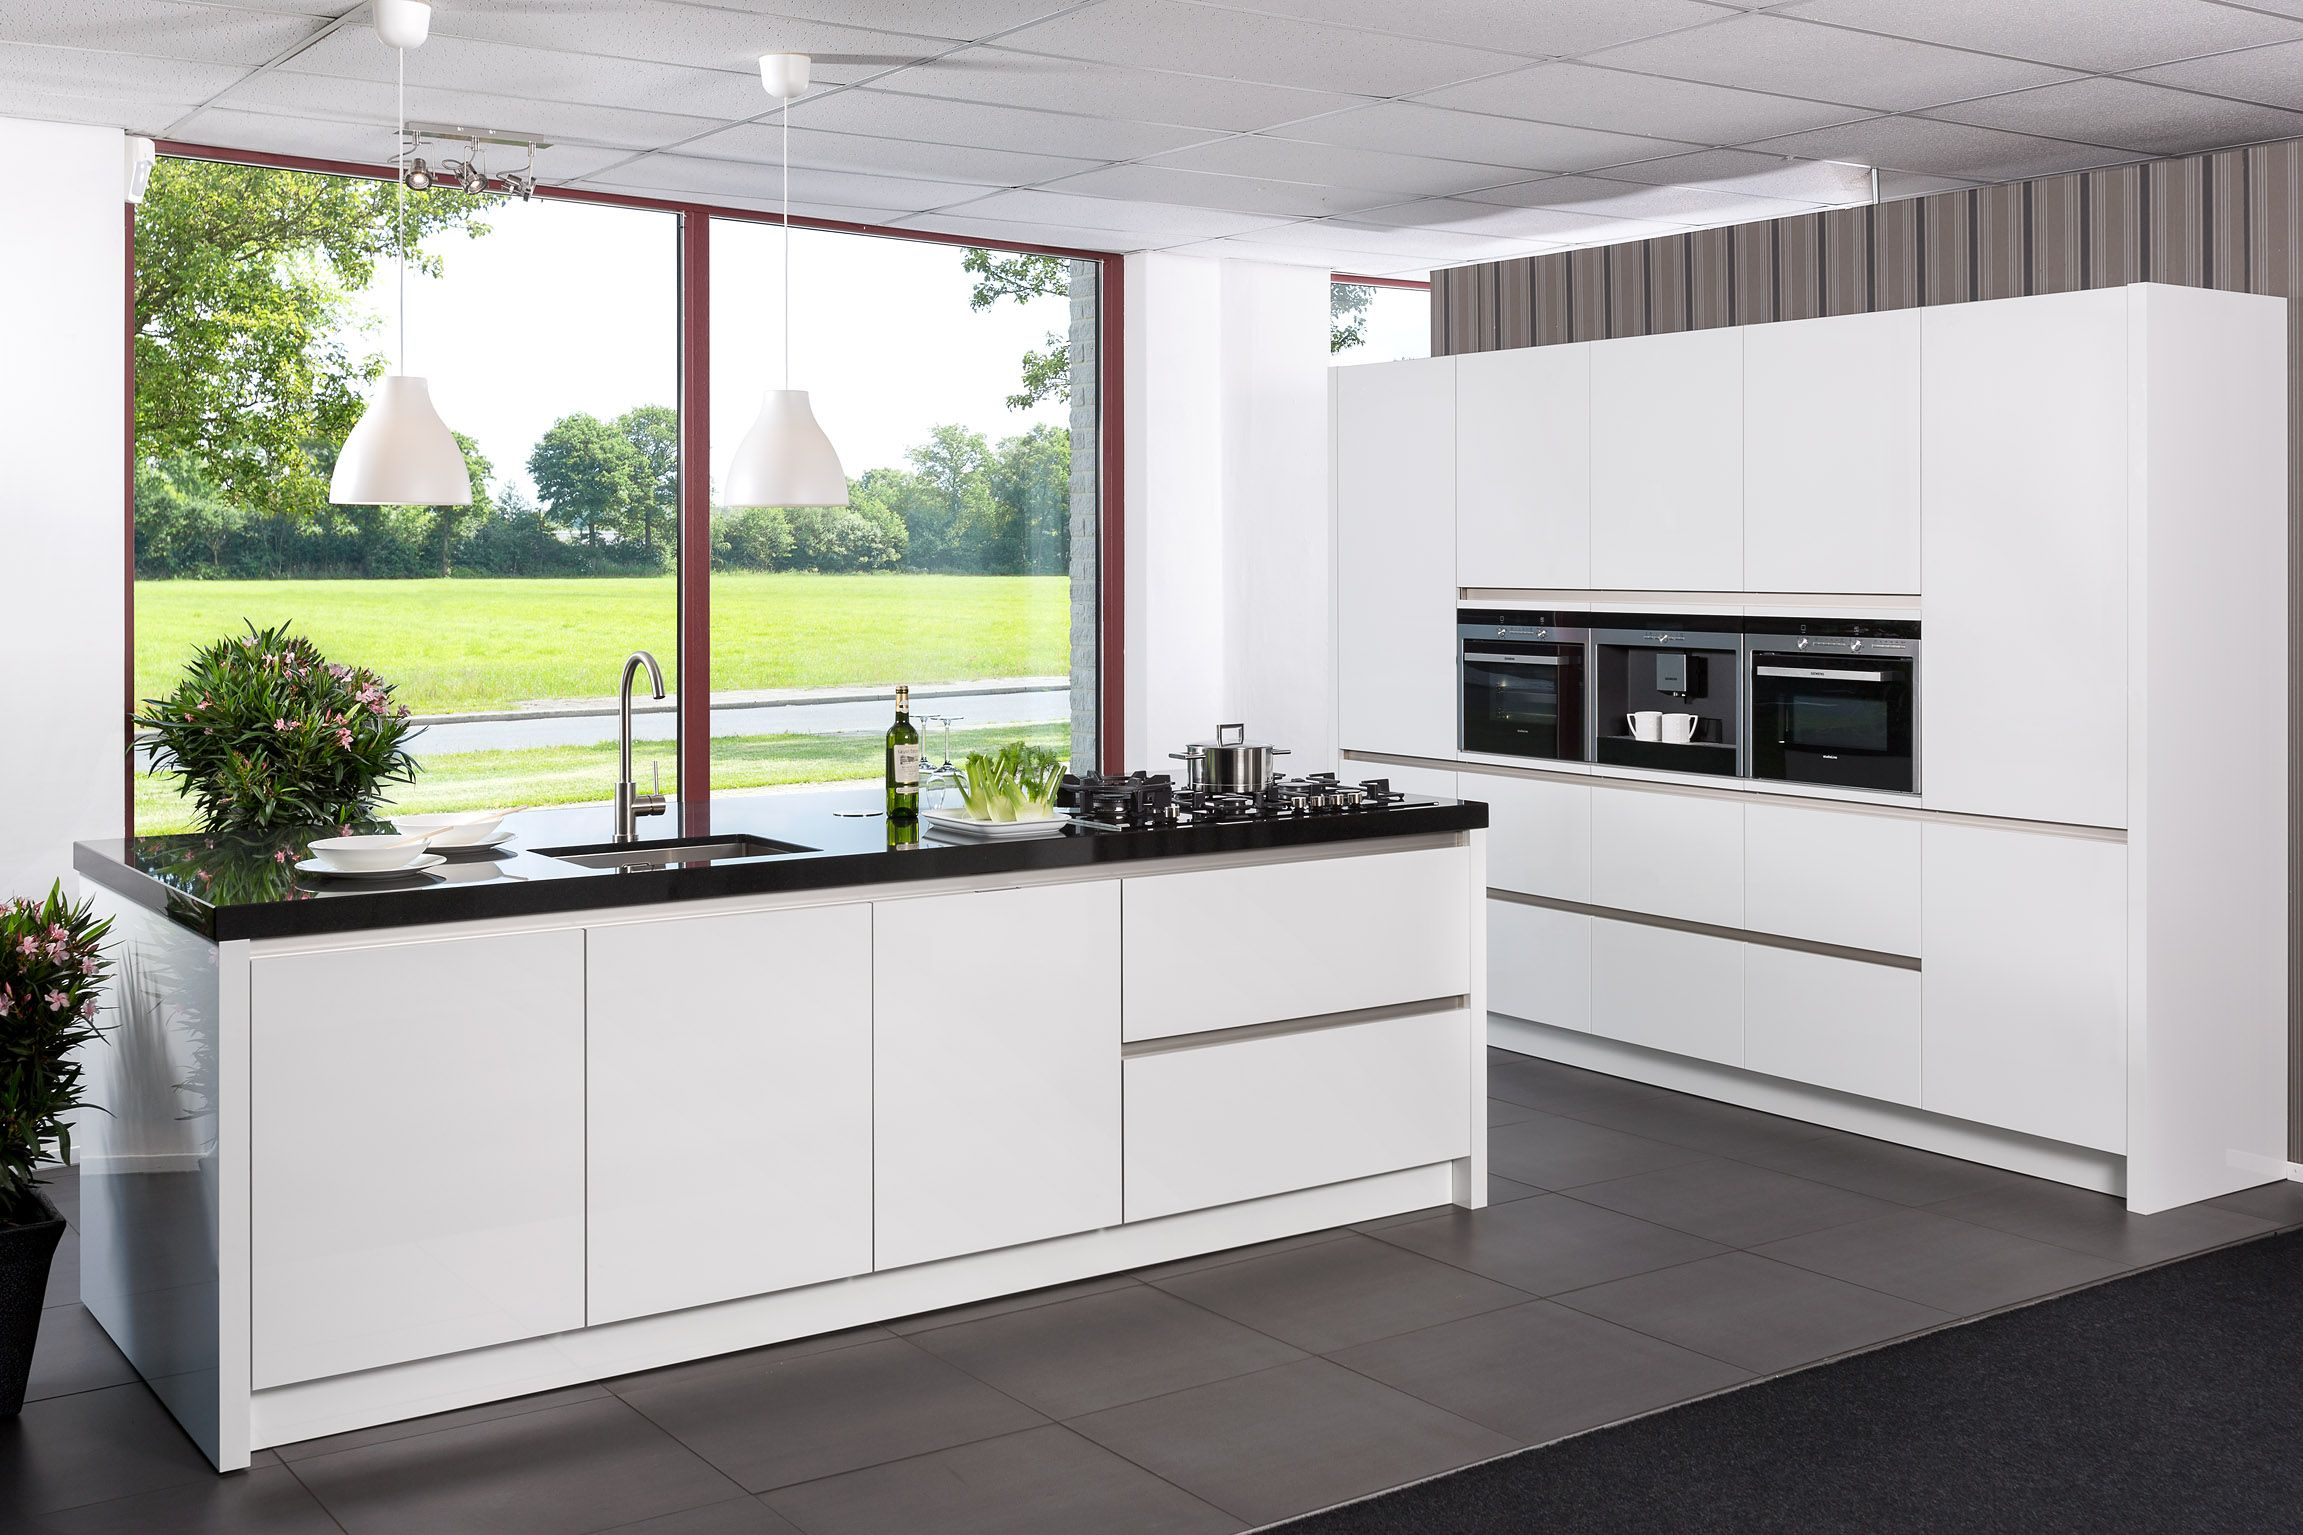 Keuken Plint Rvs : keukenaanbod van Nederland GREEPLOZE SIEMENS EILAND KEUKEN [54207